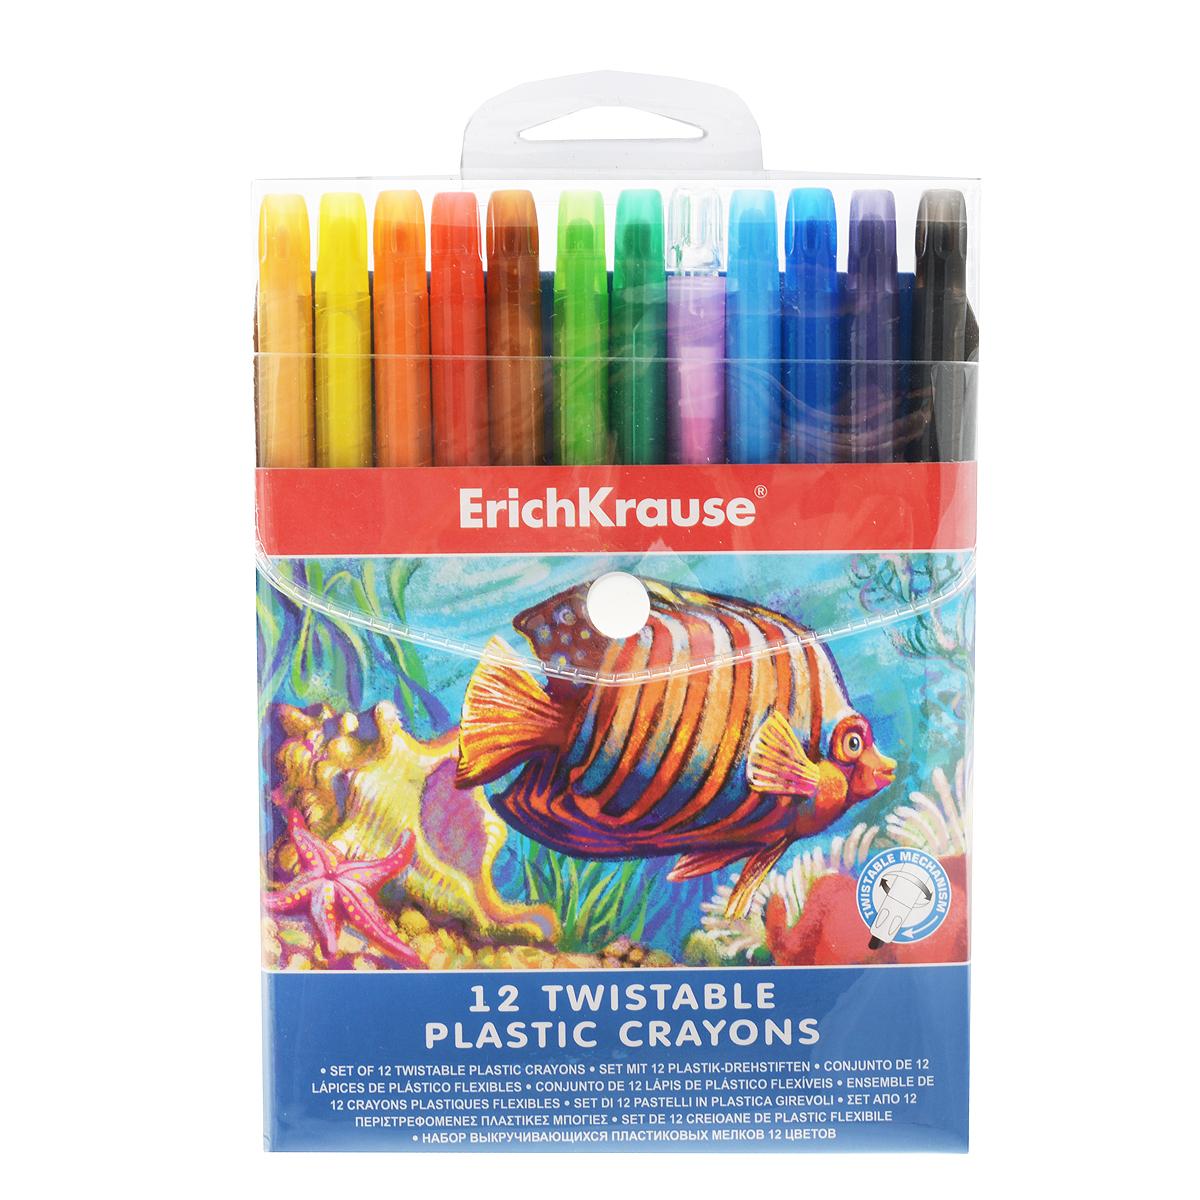 Выкручивающиеся мелки Erich Krause, 12 цветов34932Выкручивающиеся мелки Erich Krause помогут вашему маленькому художнику раскрыть свой талант. В набор входят 12 цветных мелков (персиковый, желтый, оранжевый, красный, розовый, коричневый, салатовый, зеленый, голубой, синий, фиолетовый, черный). Корпус мелков выполнен из высококачественного прочного пластика. Мелки удобны в использовании: необходимо просто повернуть корпус - и можно приступать к рисованию. Их не нужно точить, а еще они устойчивы к ломке.Эти мелки способствуют развитию у ребенка мелкой моторики рук, координации движений, цветовосприятия и творческого мышления.